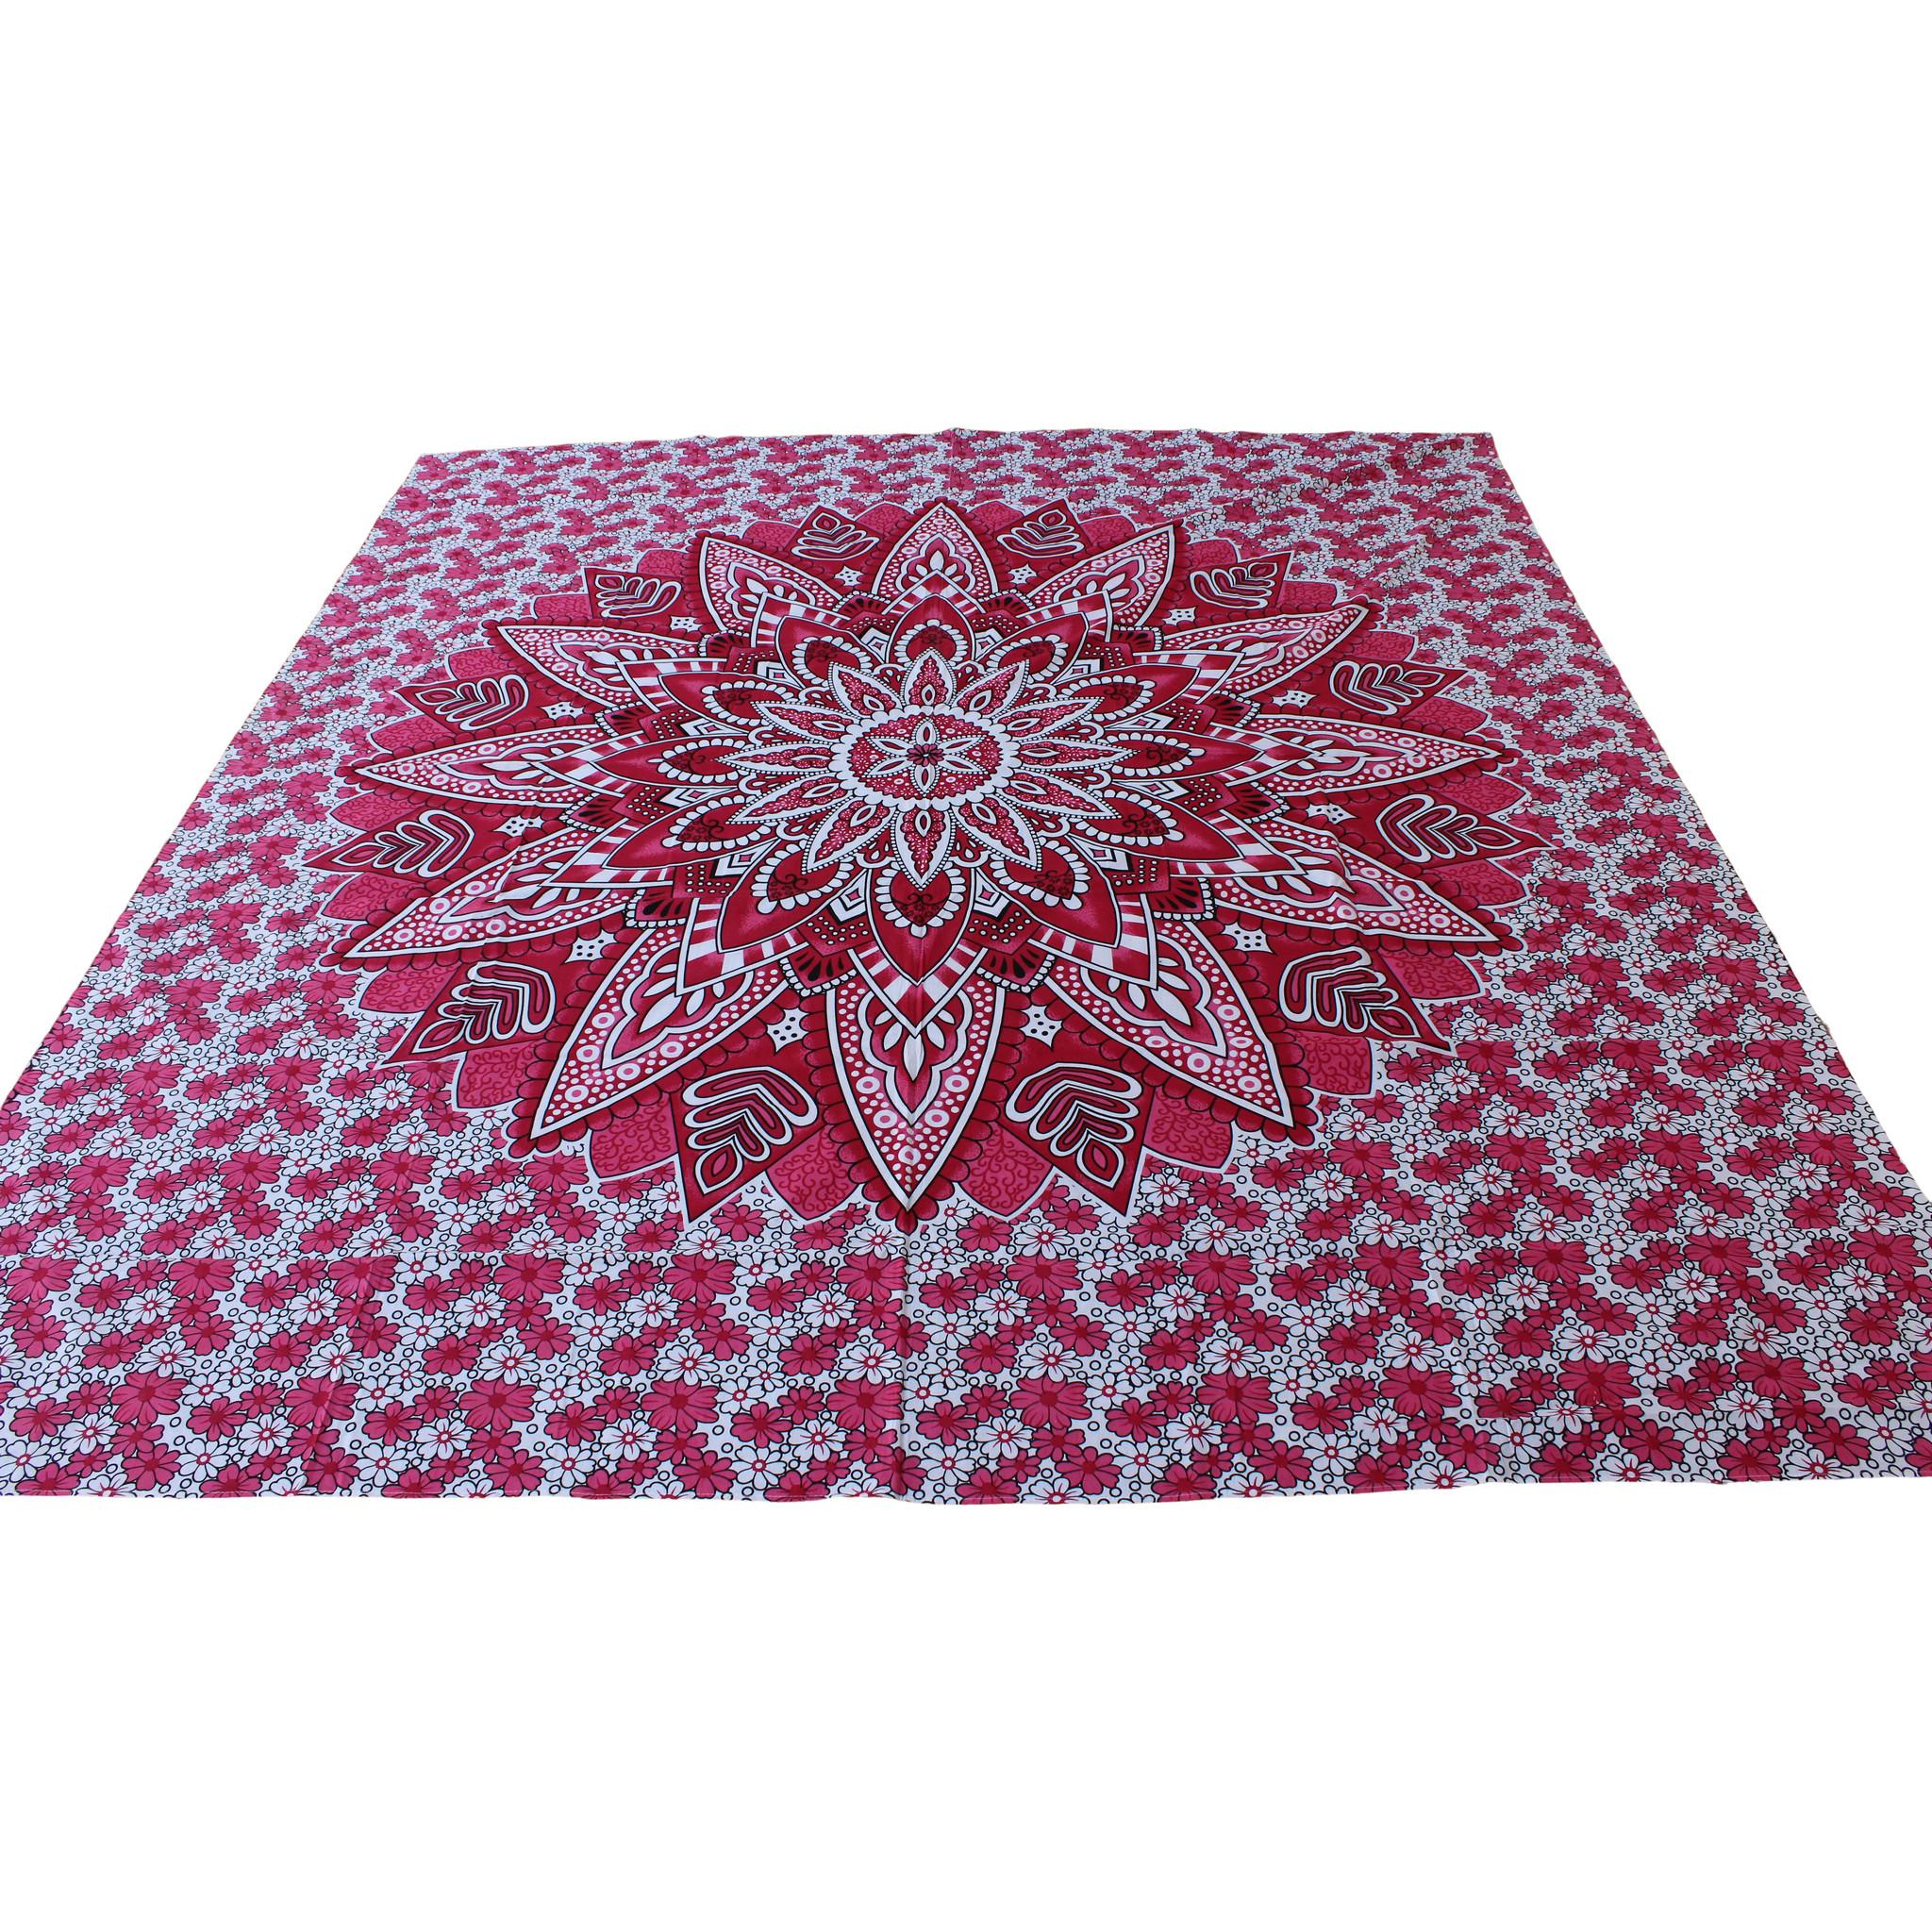 Myroundie Myroundie - roundie - vierkant strandlaken XL – yoga kleed- speelkleed - picknickkleed -100% katoen – Q58